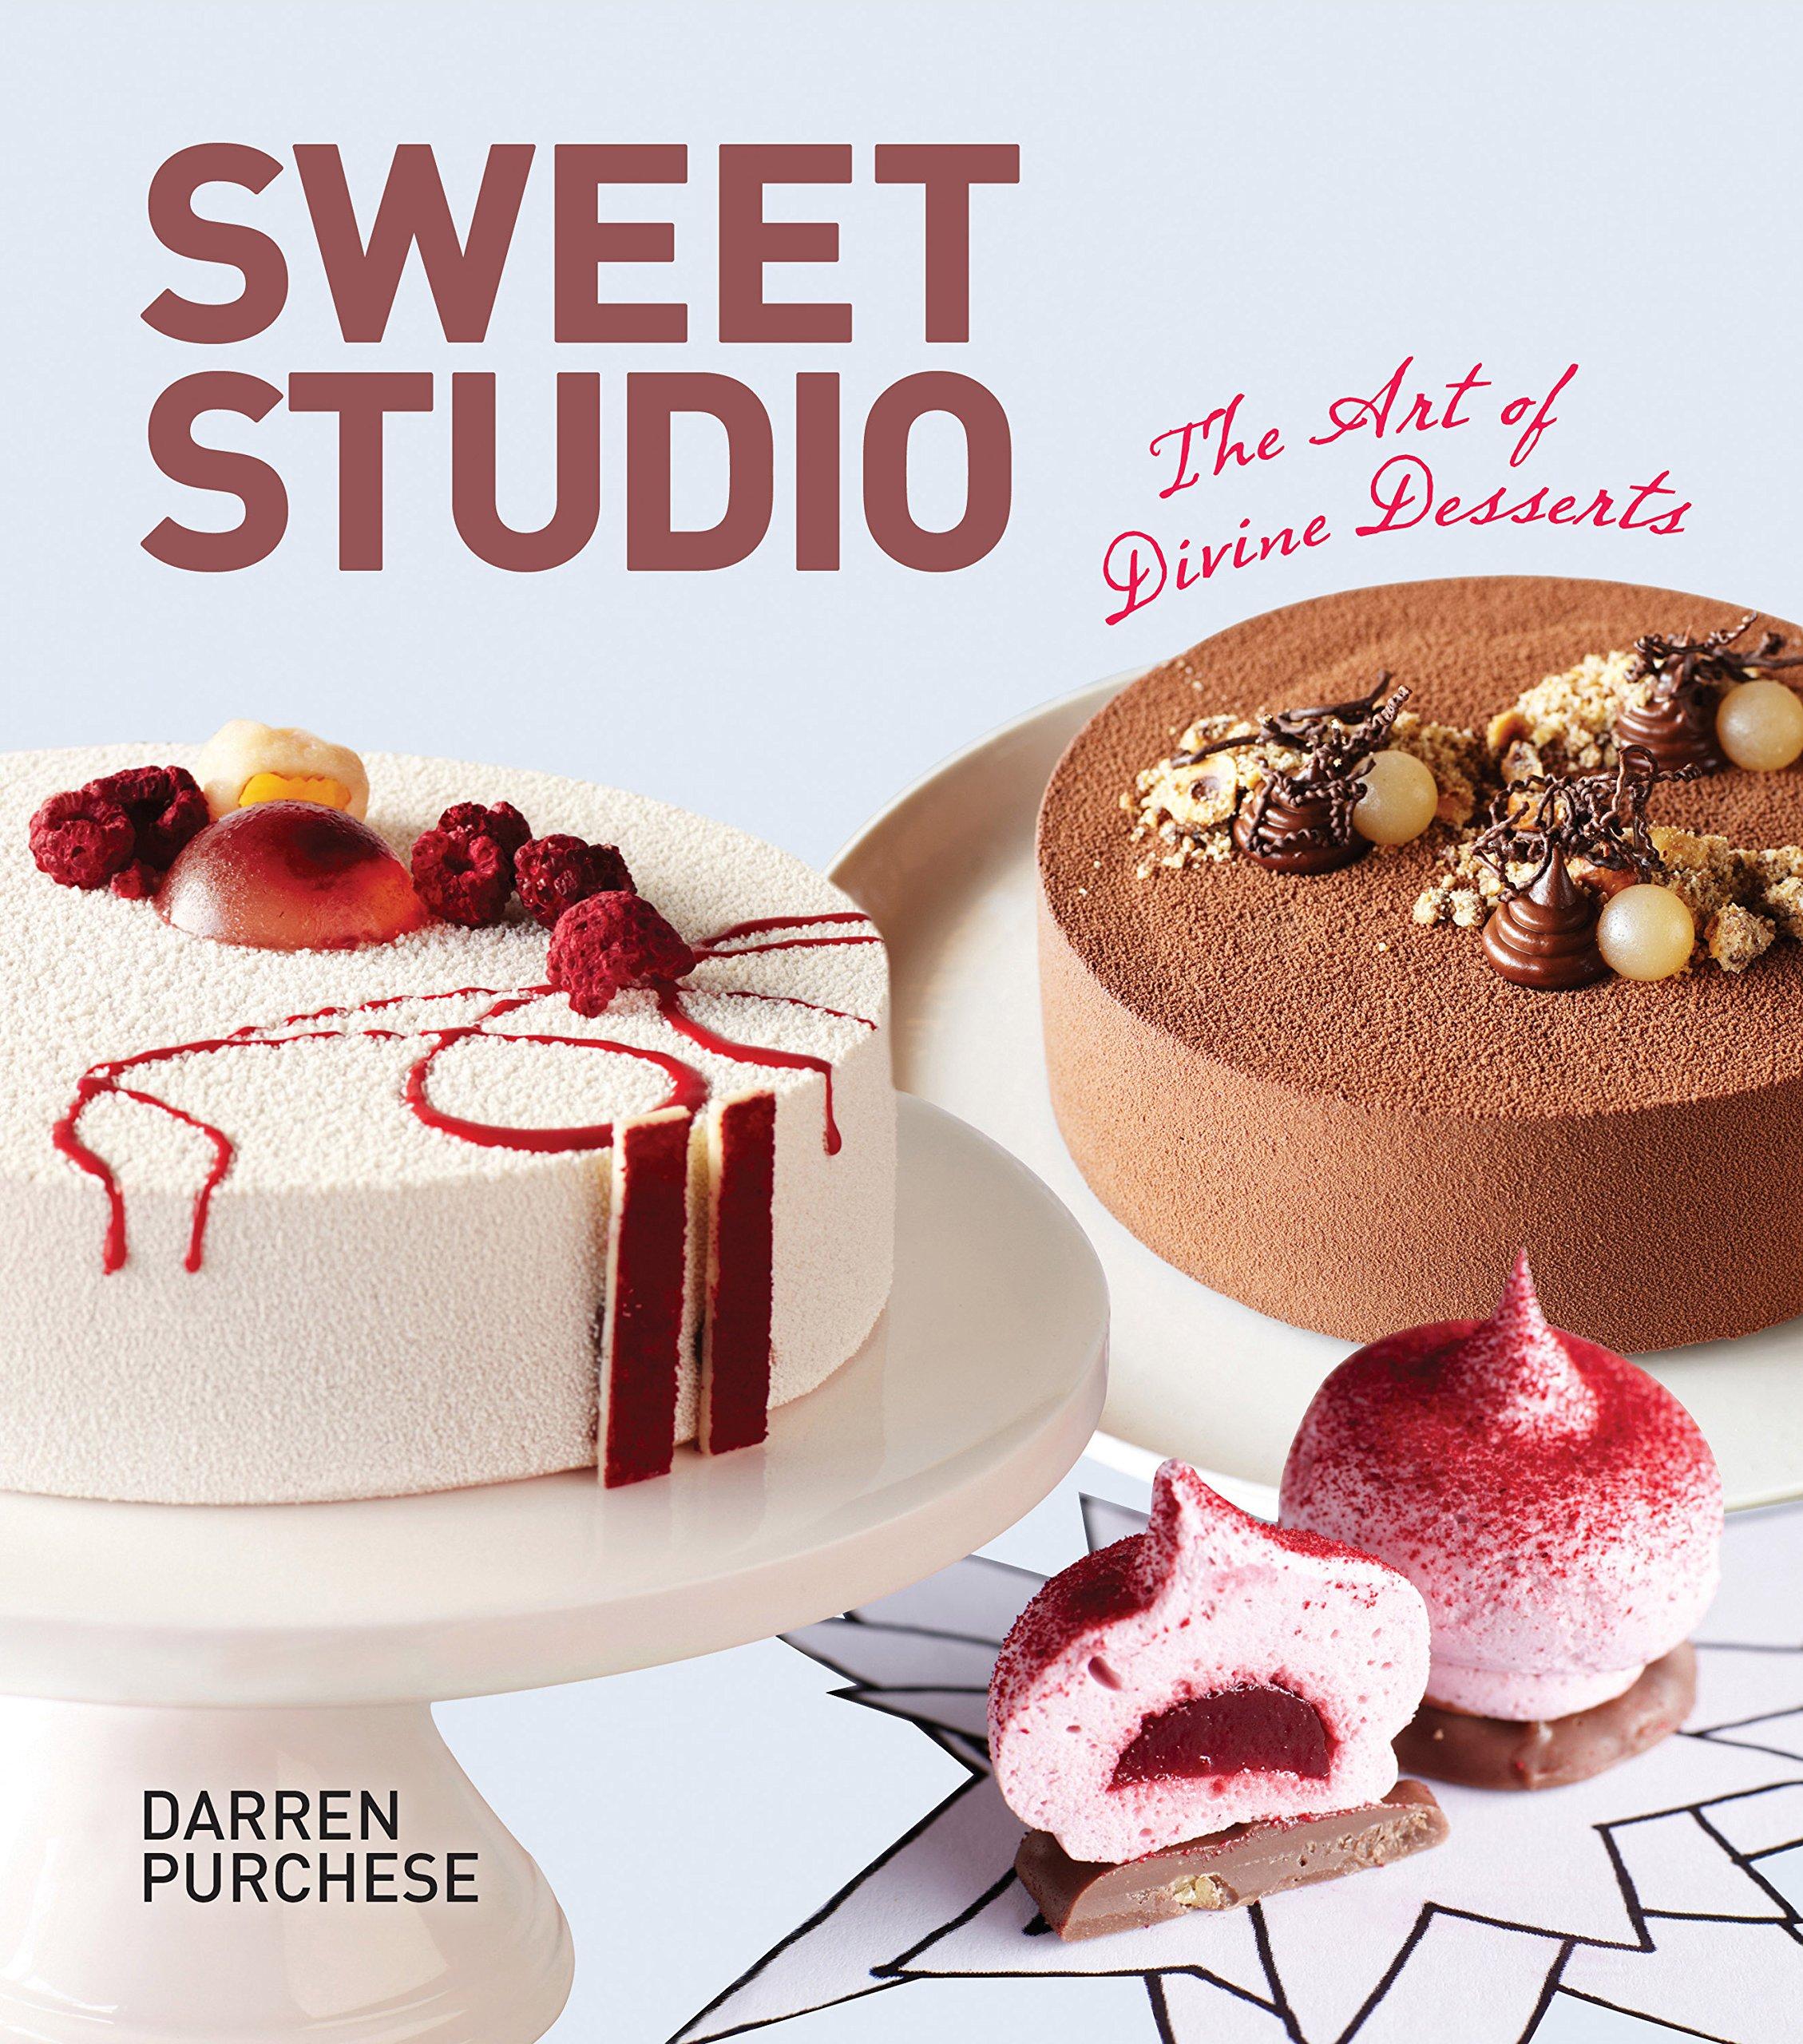 SweetStudio.jpg